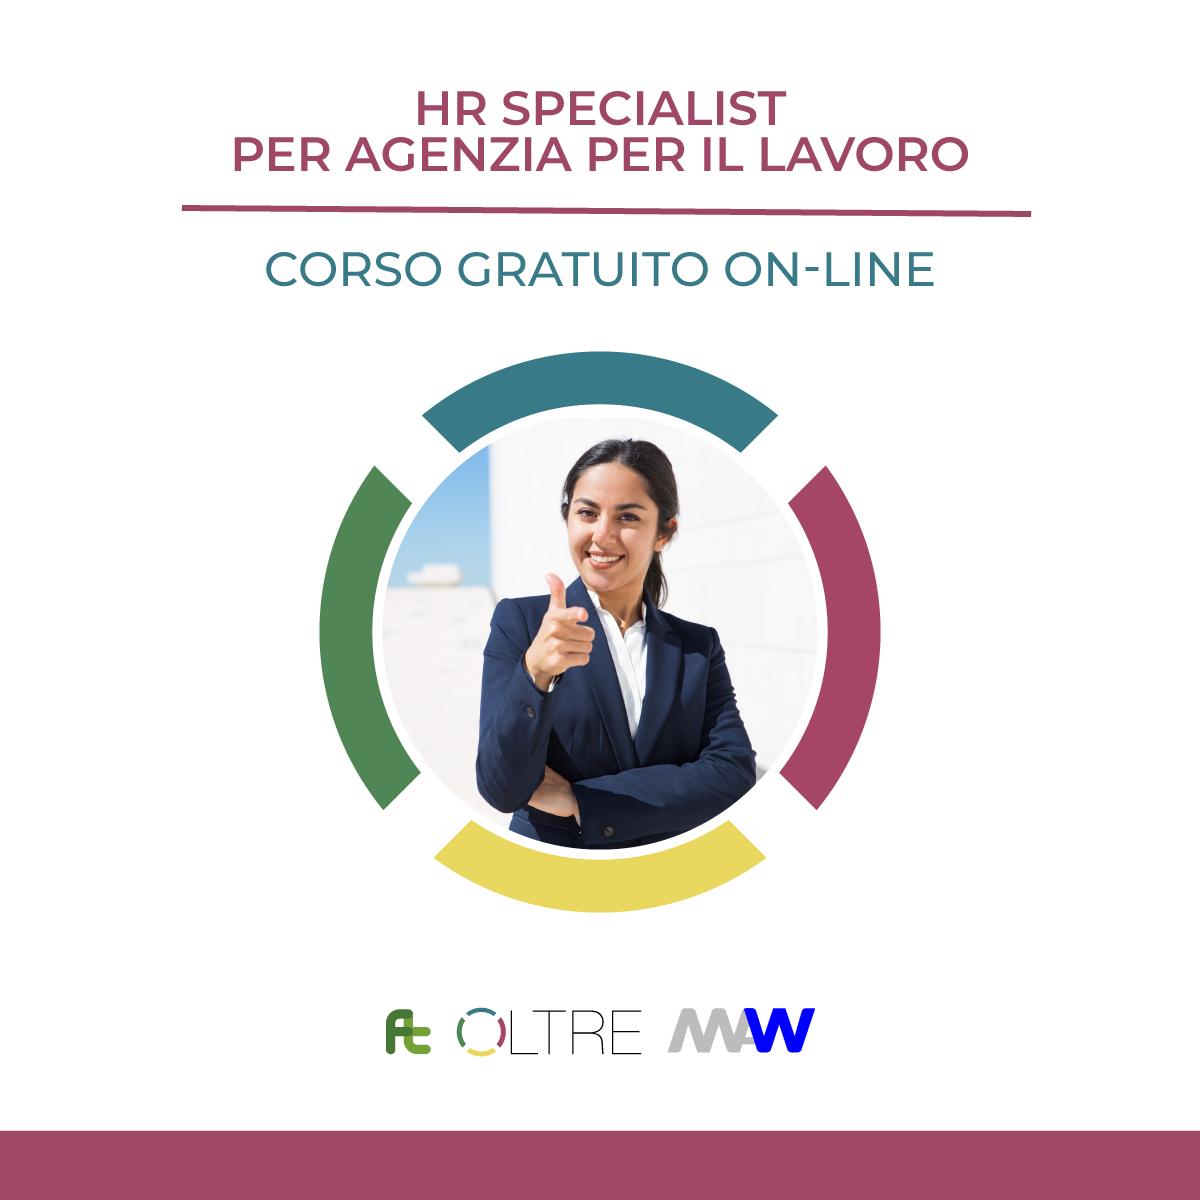 HR Specialist per agenzia per il lavoro